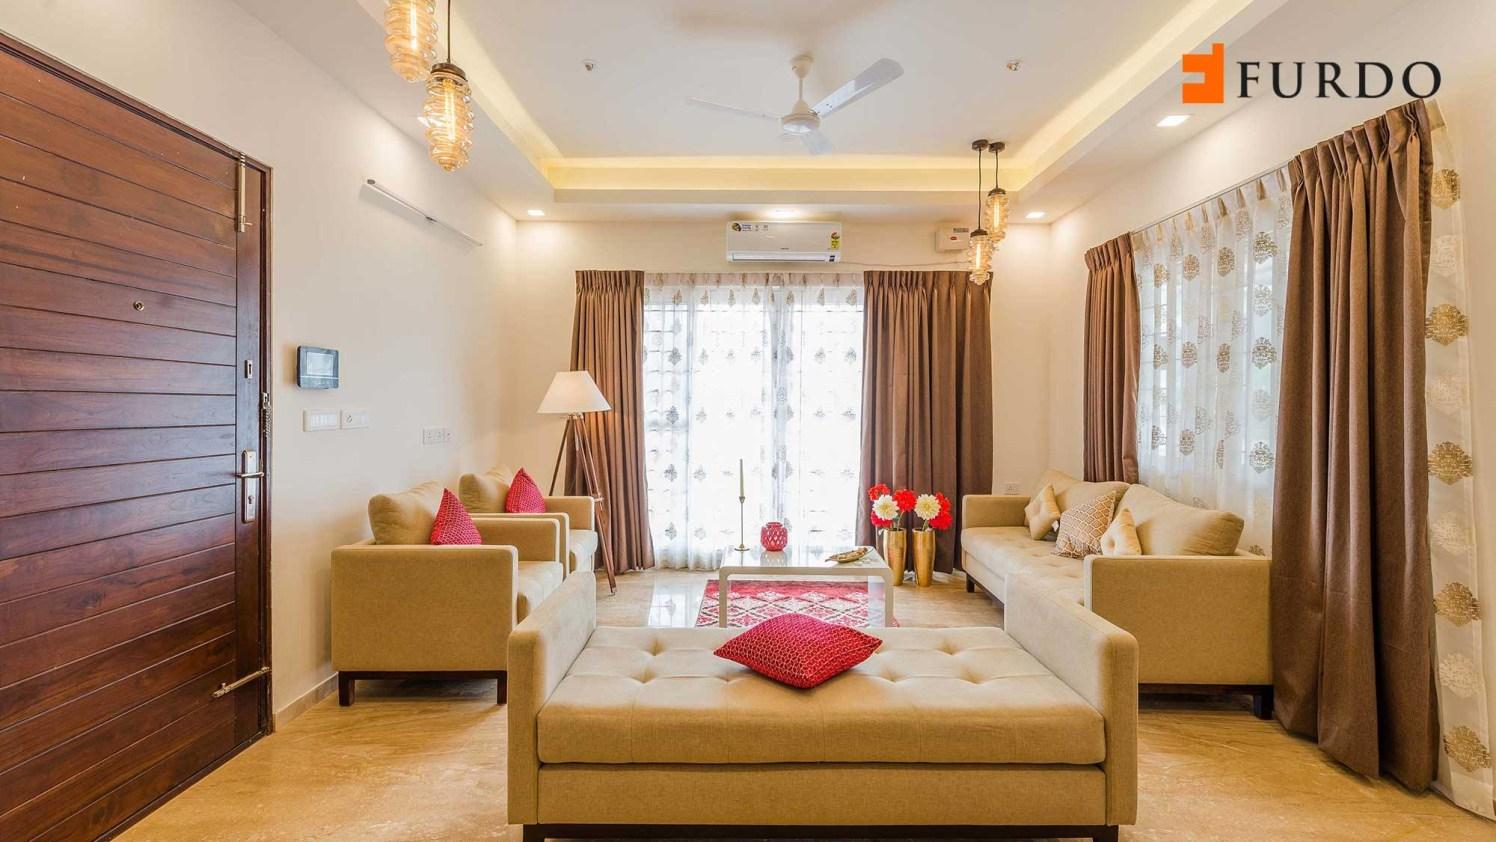 Living Room With Beige Shade Furniture by Furdo.com Living-room Contemporary | Interior Design Photos & Ideas